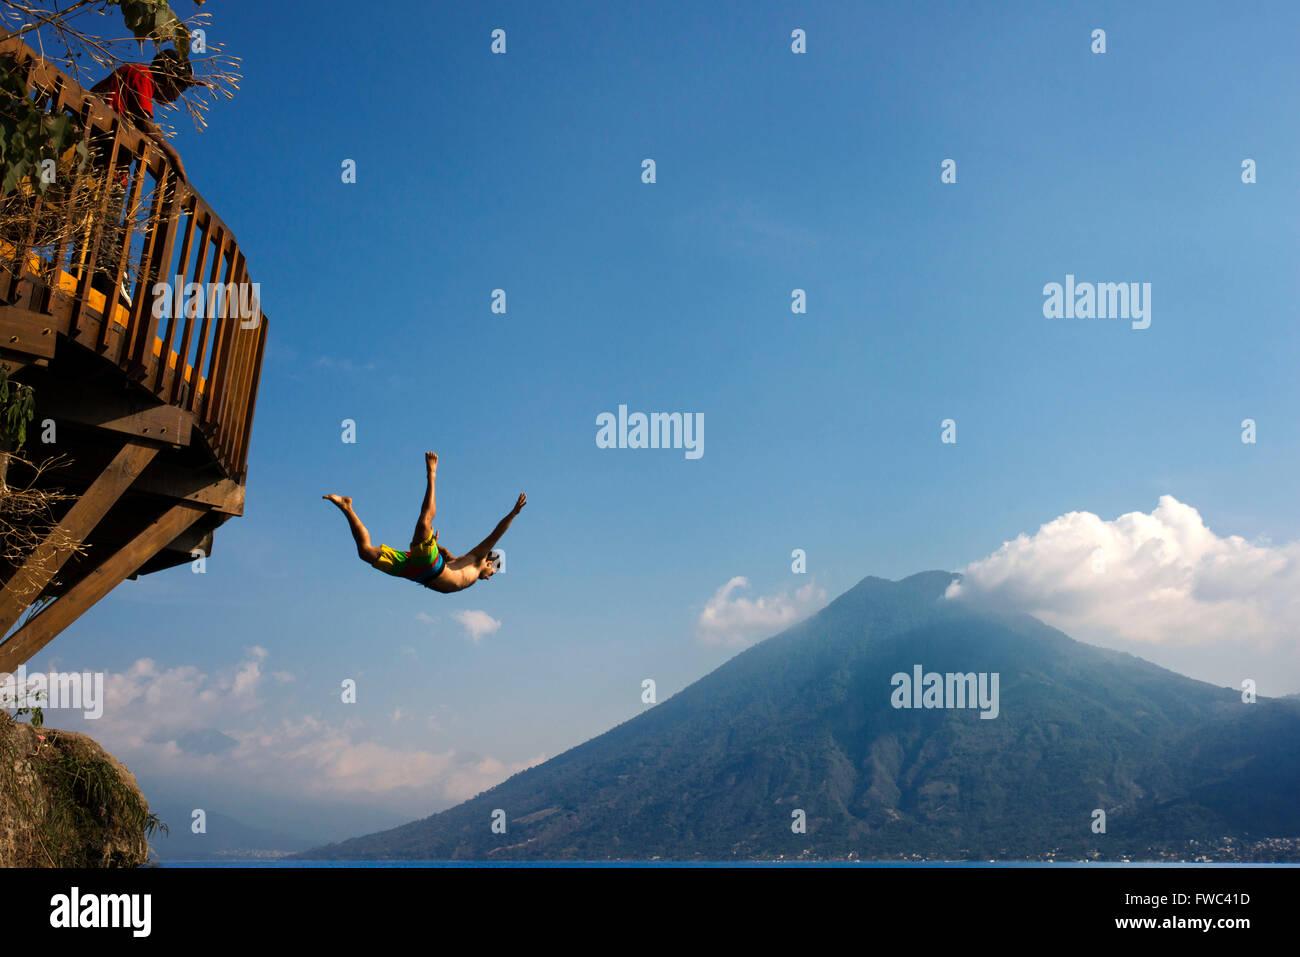 San Marcos La Laguna, lago Atitlán jump: Cerro Tzankujil Trampolin e Miradores. Persone prese le immagini e Immagini Stock